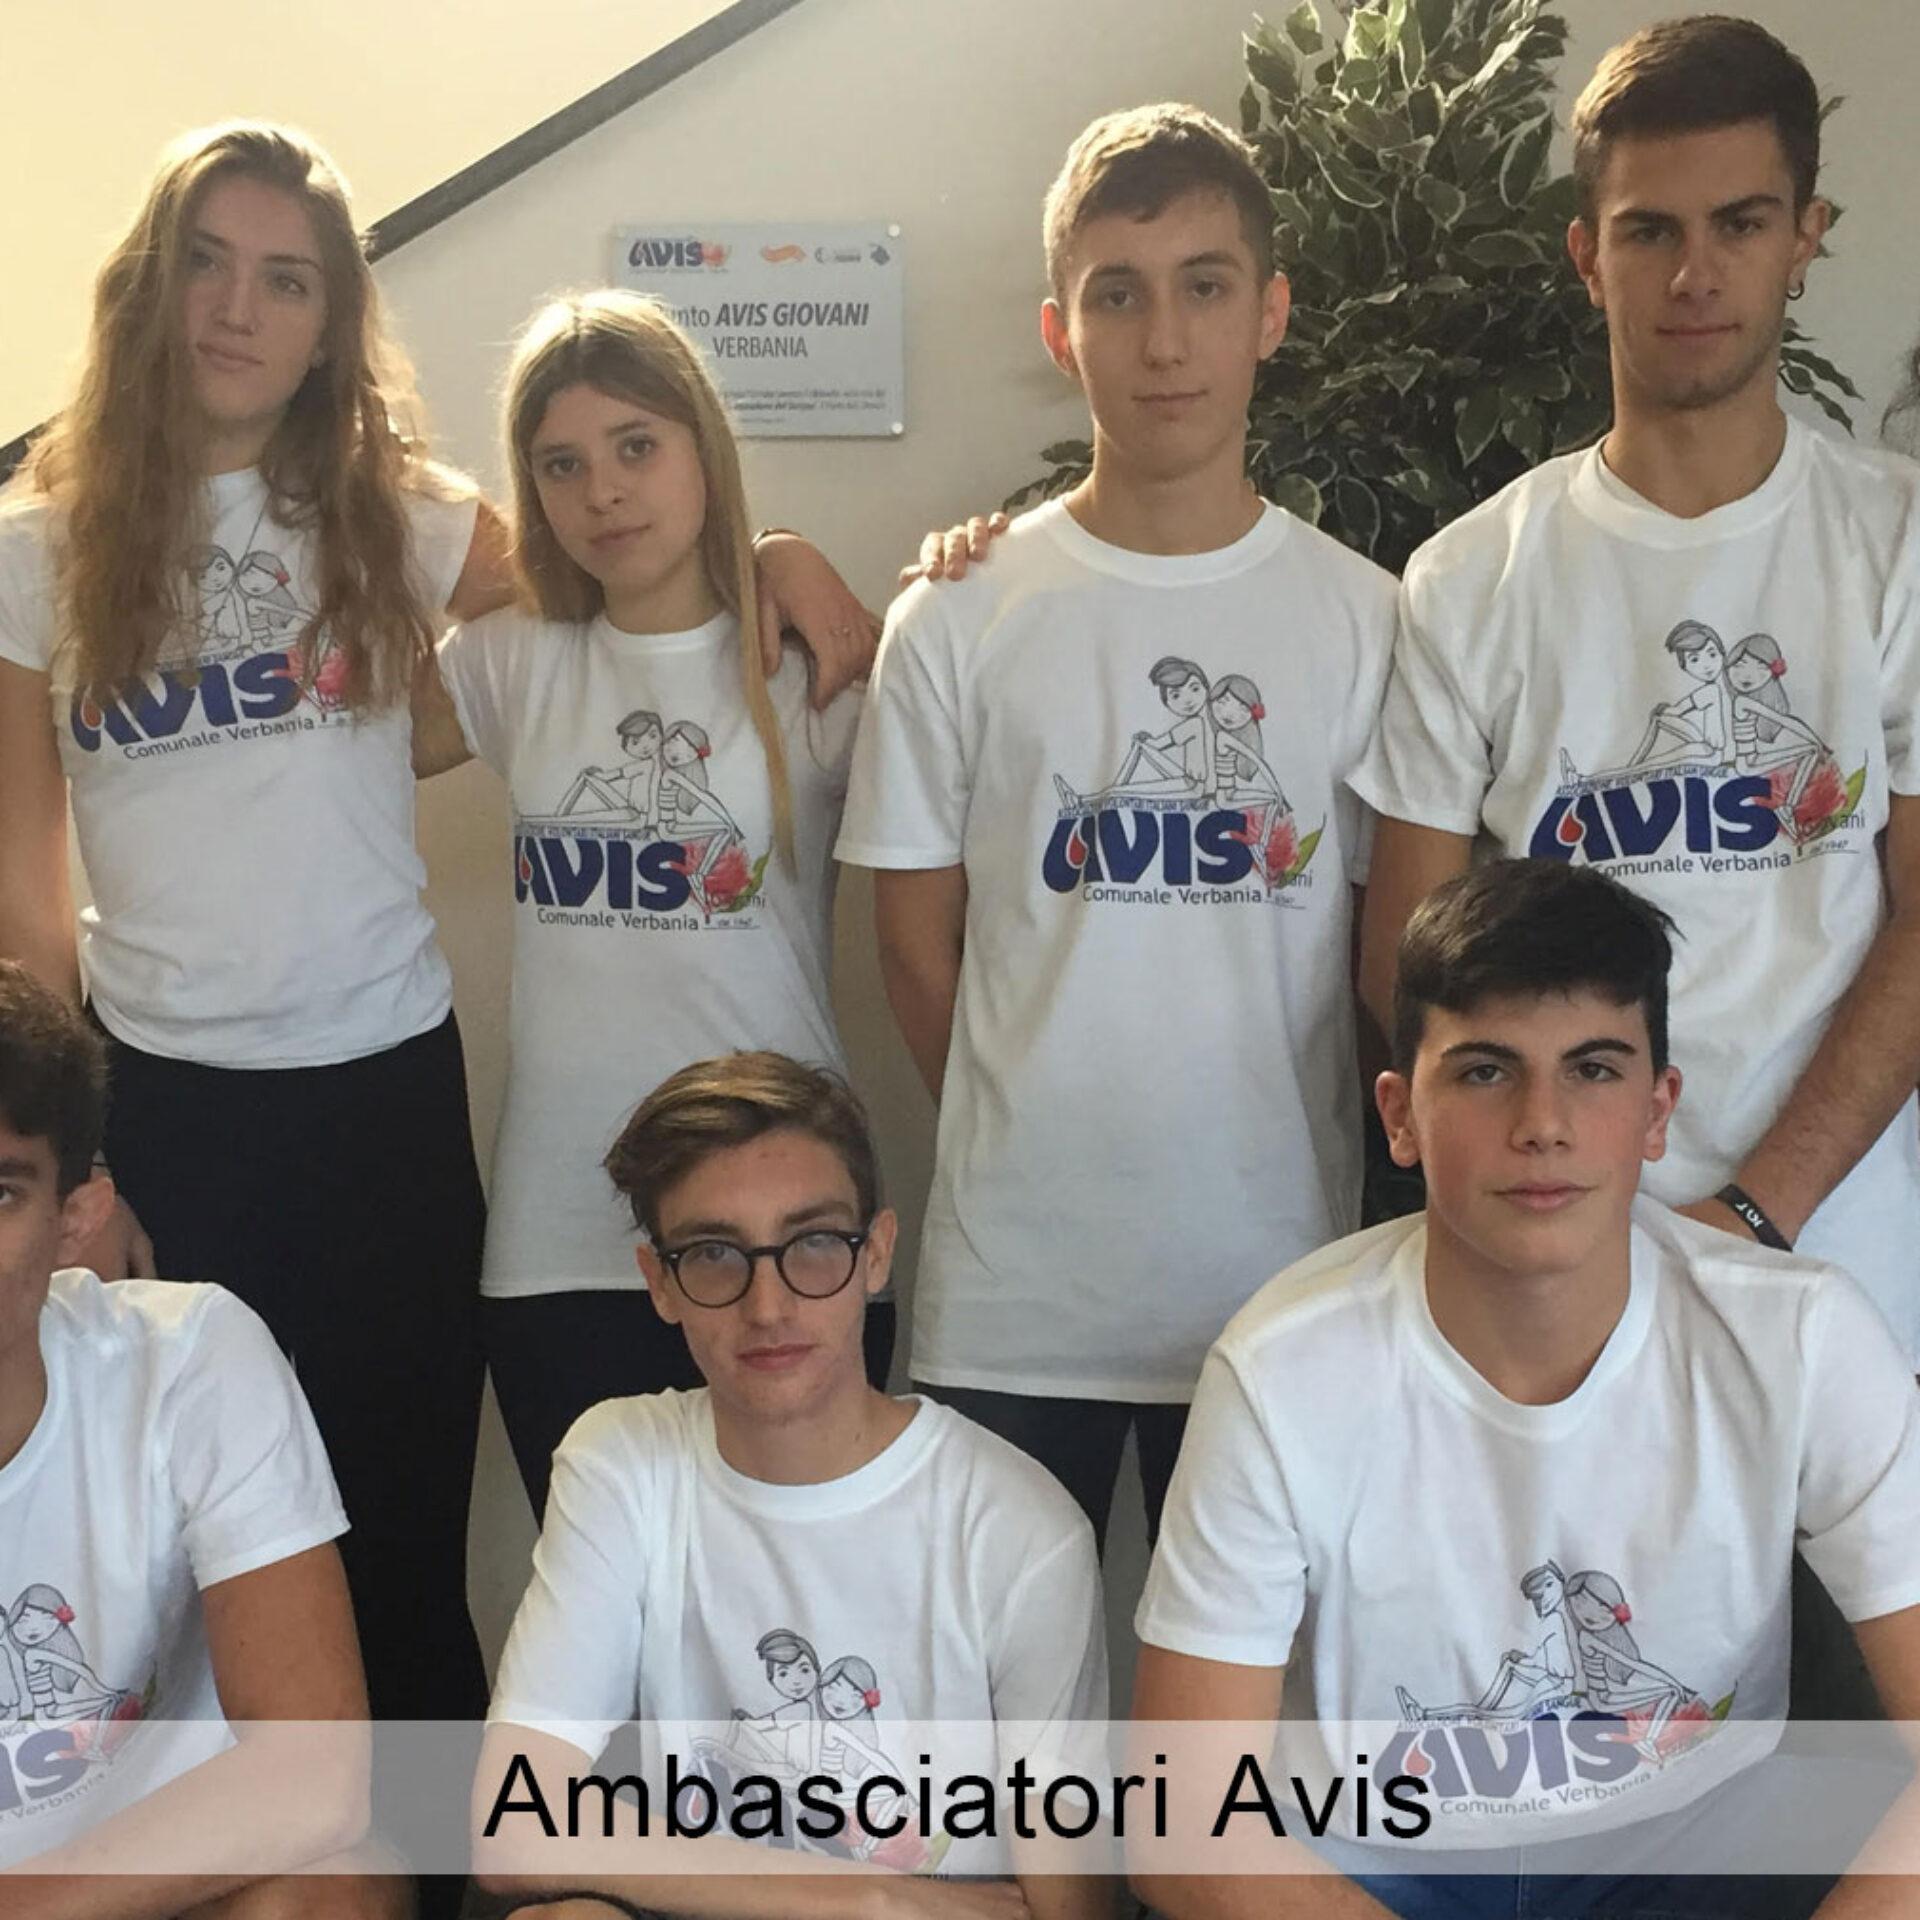 AVIS Comunale Verbania_Ambasciatori AVIS Verbania_Istituto Cobianchi